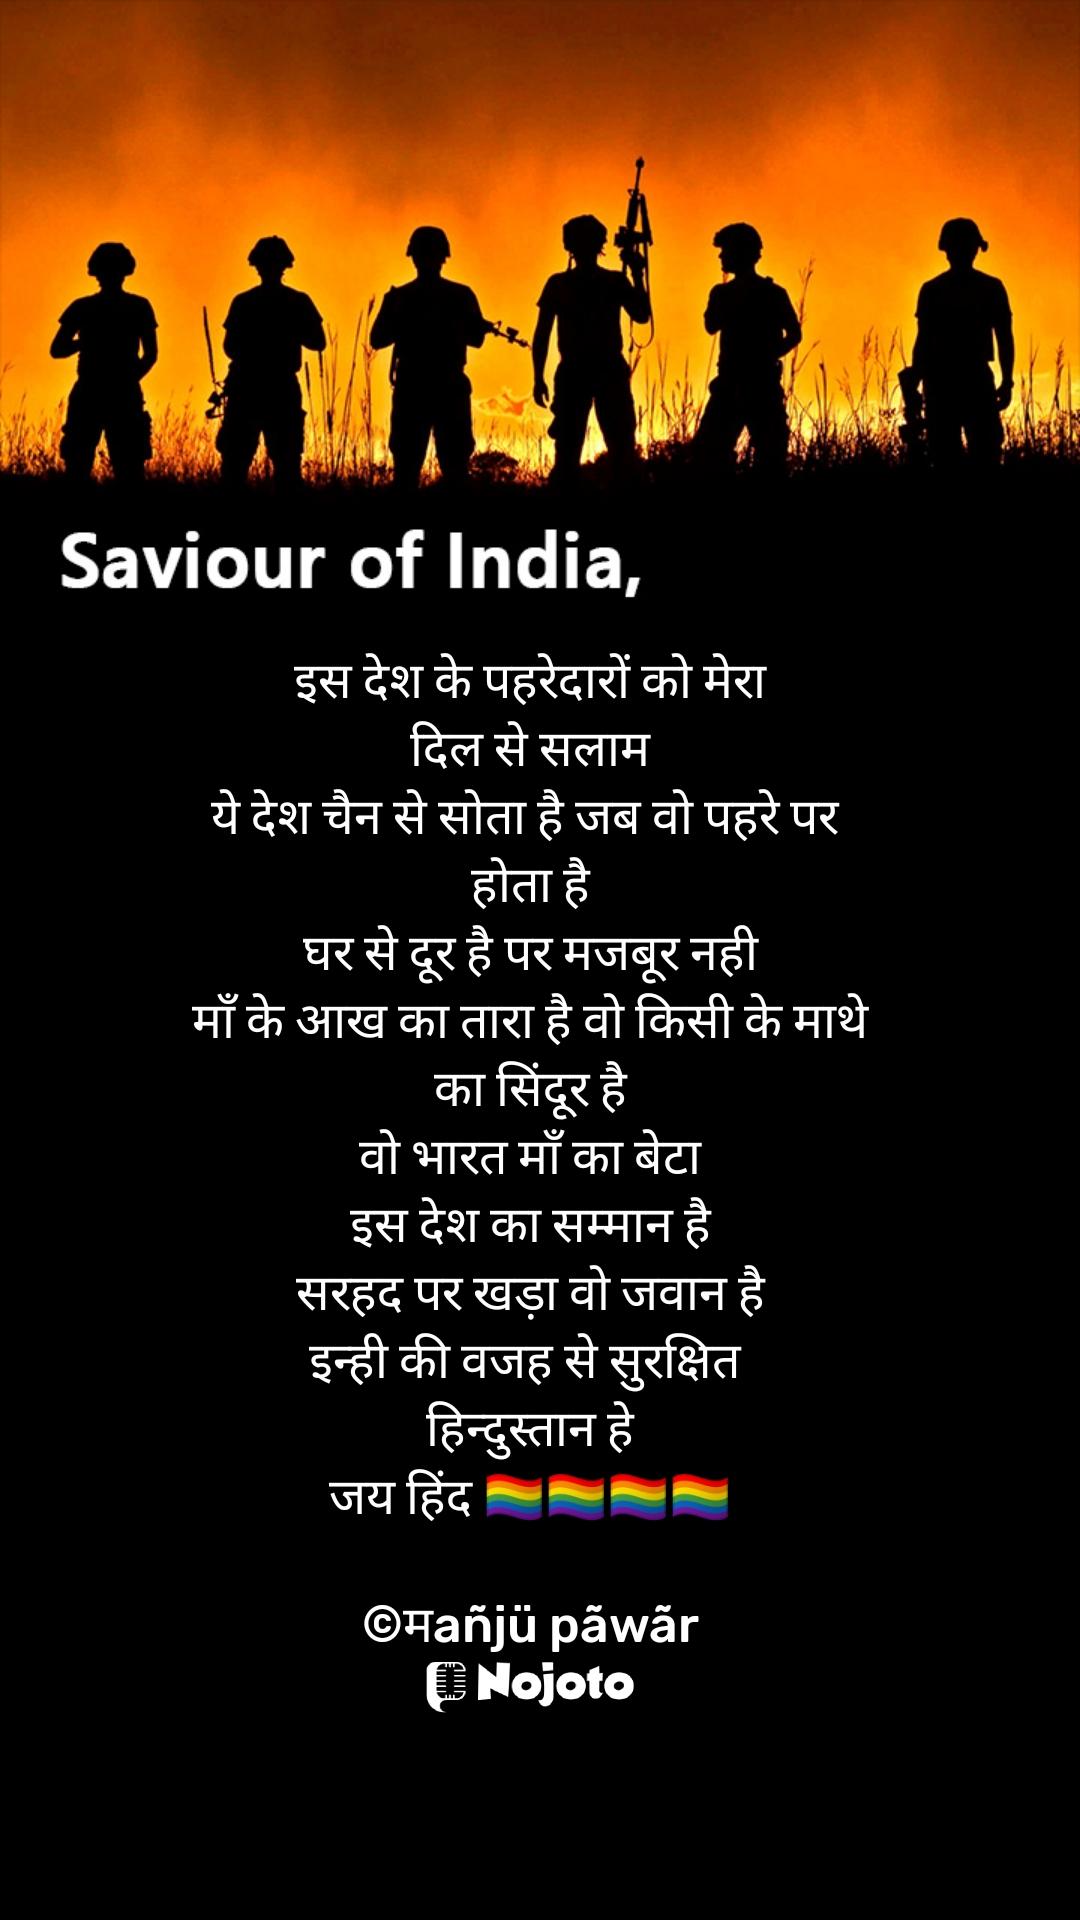 Saviour of India इस देश के पहरेदारों को मेरा दिल से सलाम ये देश चैन से सोता है जब वो पहरे पर  होता है घर से दूर है पर मजबूर नही माँ के आख का तारा है वो किसी के माथे का सिंदूर है वो भारत माँ का बेटा इस देश का सम्मान है सरहद पर खड़ा वो जवान है इन्ही की वजह से सुरक्षित  हिन्दुस्तान हे जय हिंद 🏳🌈🏳🌈🏳🌈🏳🌈  ©मañjü pãwãr